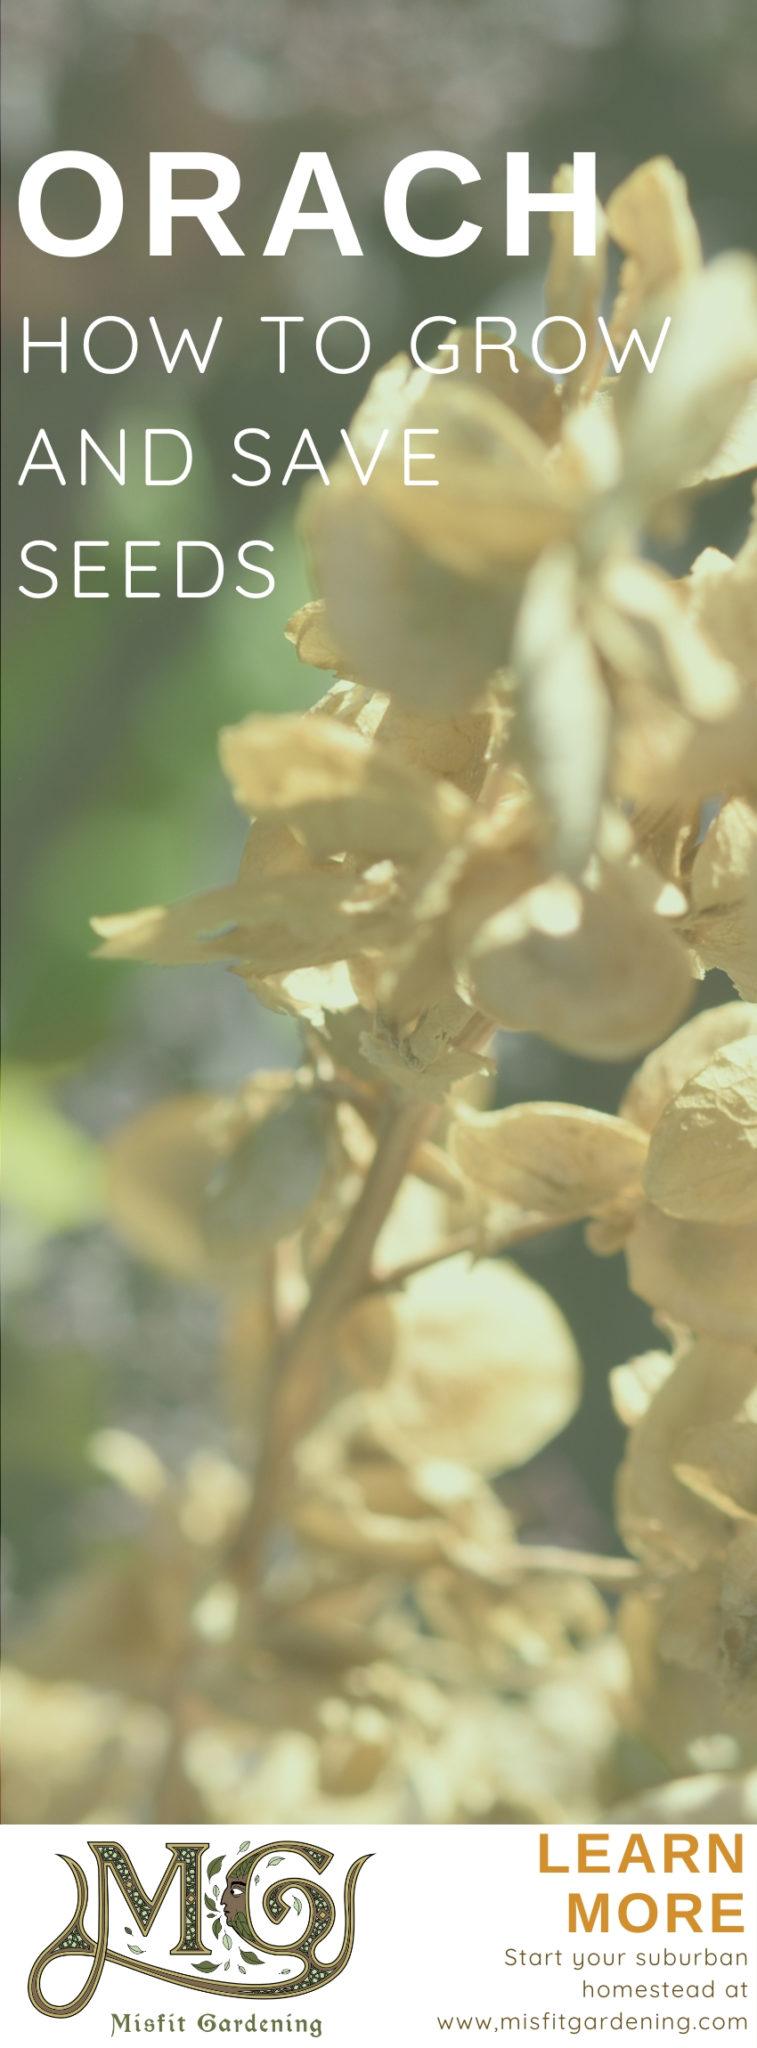 Bergspinat oder Orach ist wirklich einfach zu züchten. Klicken Sie hier, um mehr zu erfahren, oder stecken Sie es für später fest